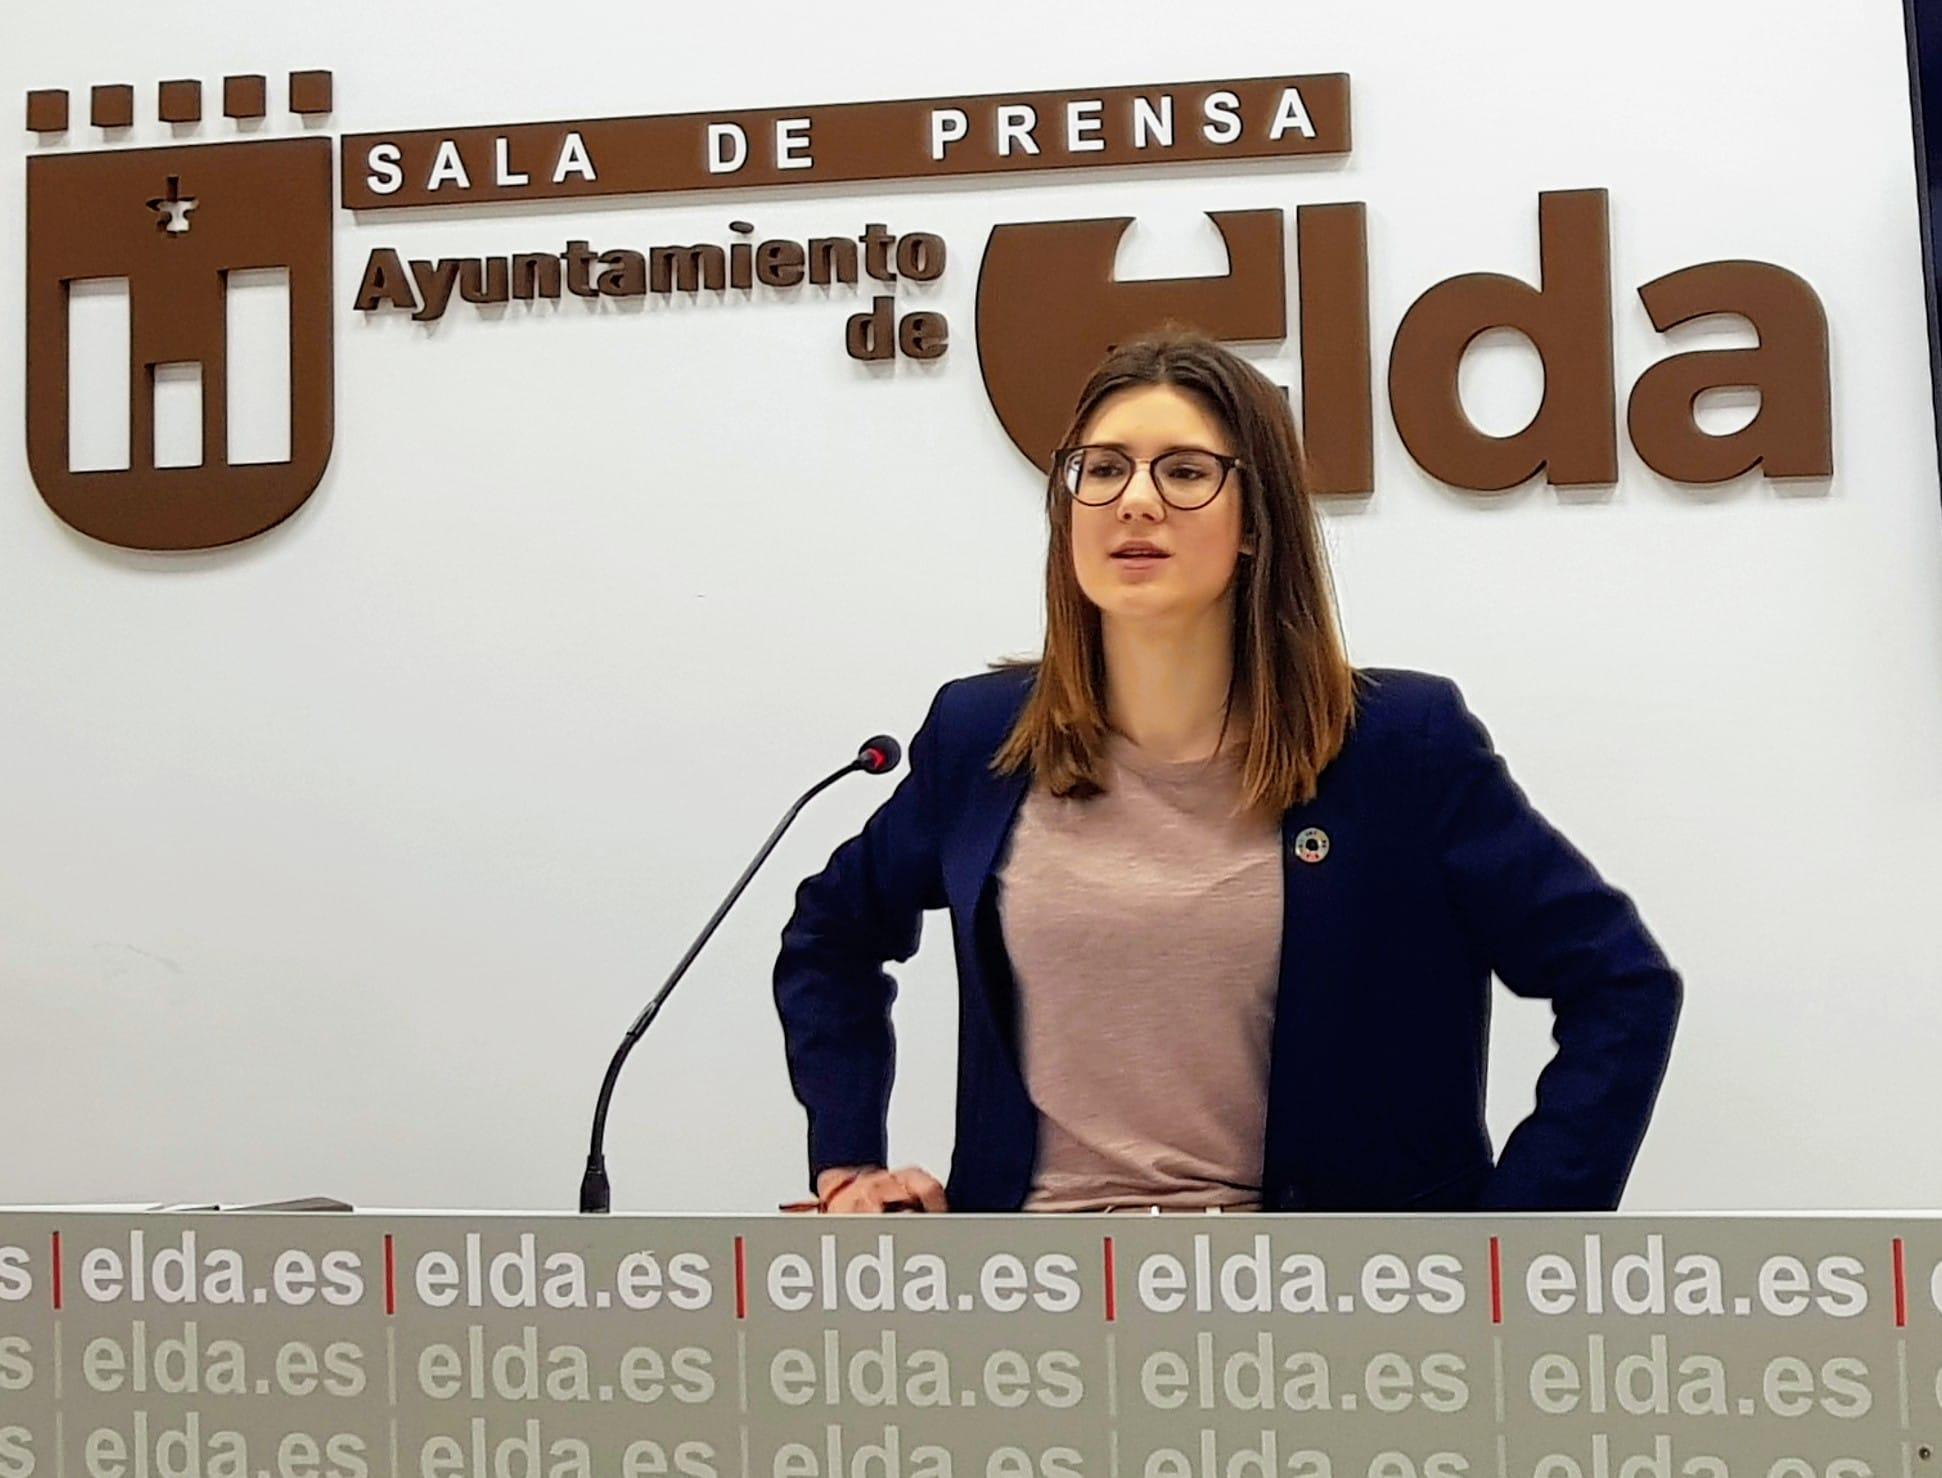 El Ayuntamiento de Elda reabre mañana los dos mercadillos municipales con límite de aforo y medidas de seguridad e higiene